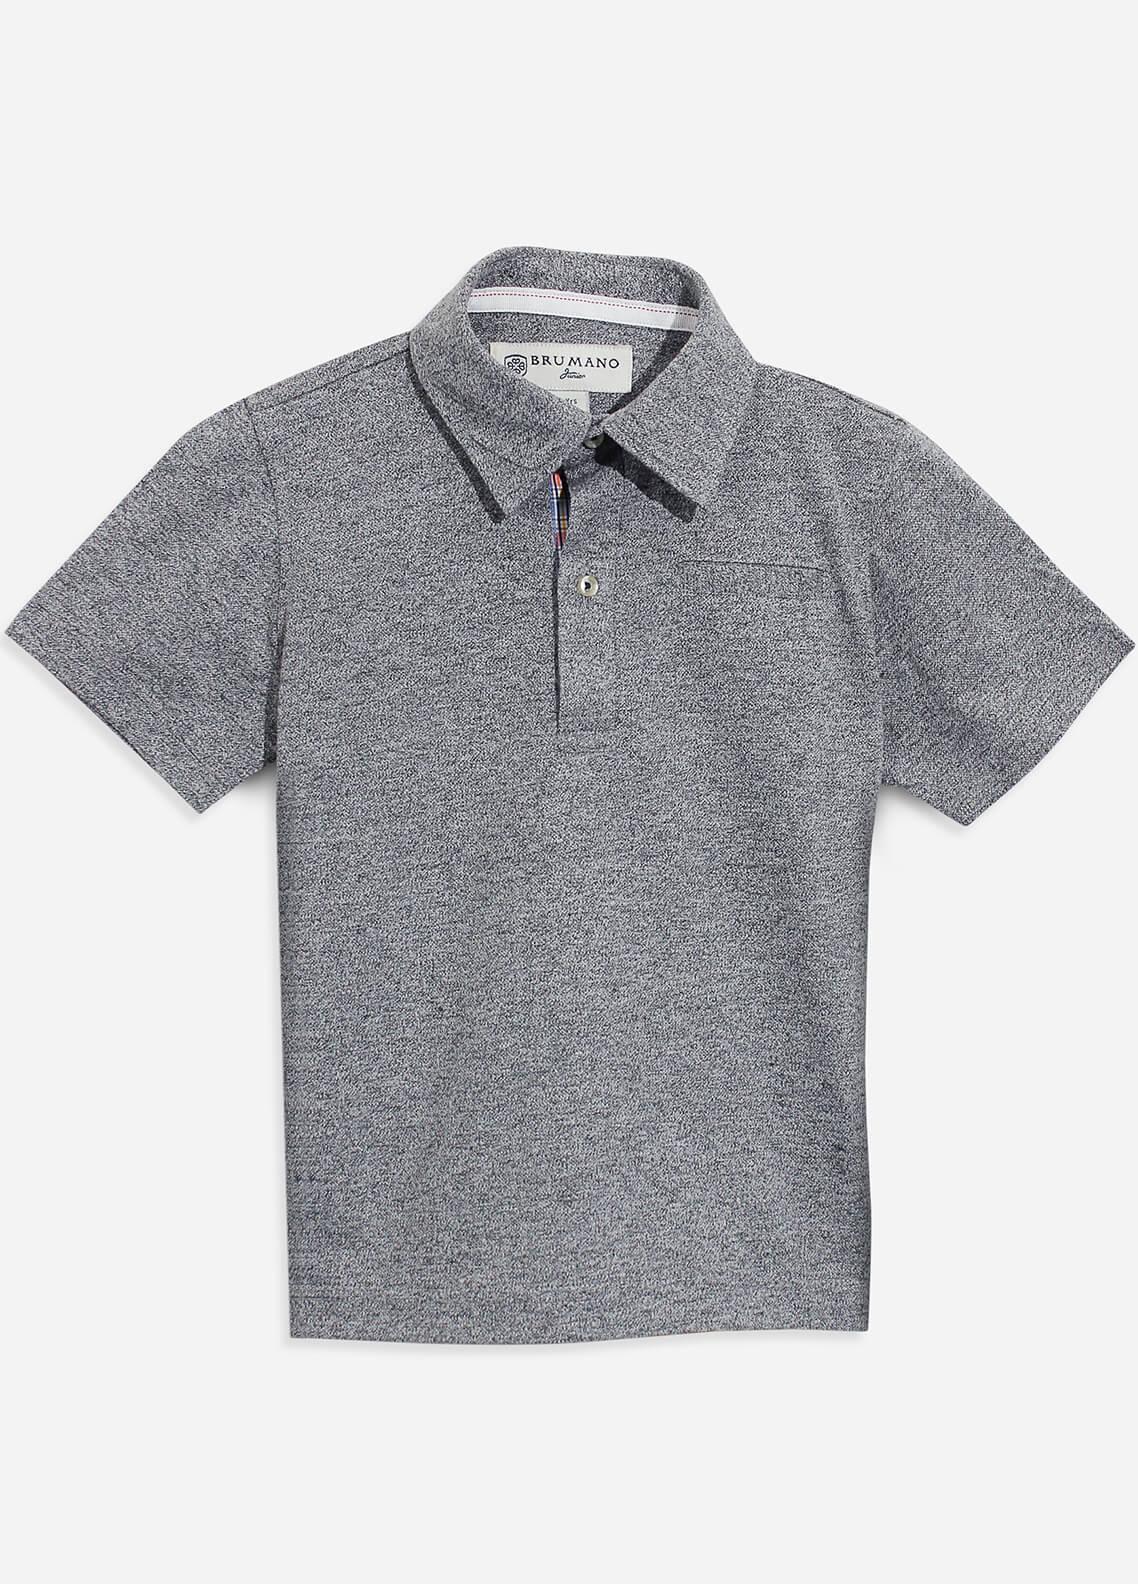 Brumano Cotton Polo Shirts for Boys - Grey BRM-087